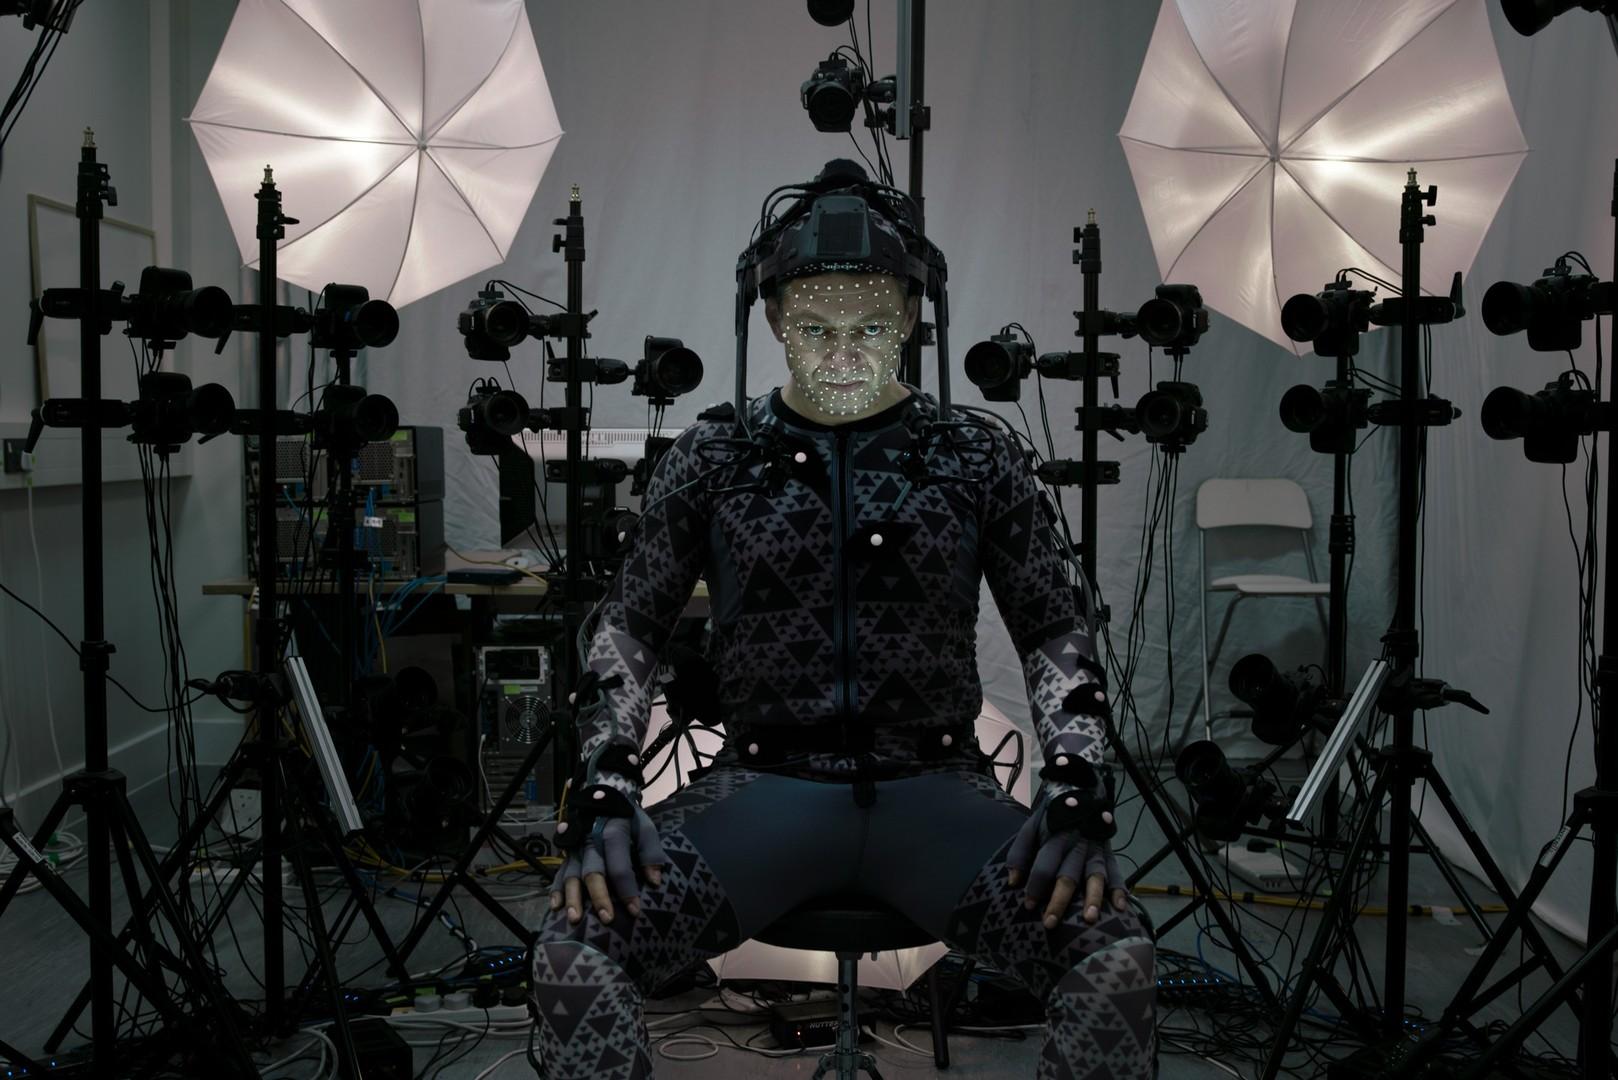 Son maître est le leader Snoke joué par Andy Serkis en performance capture